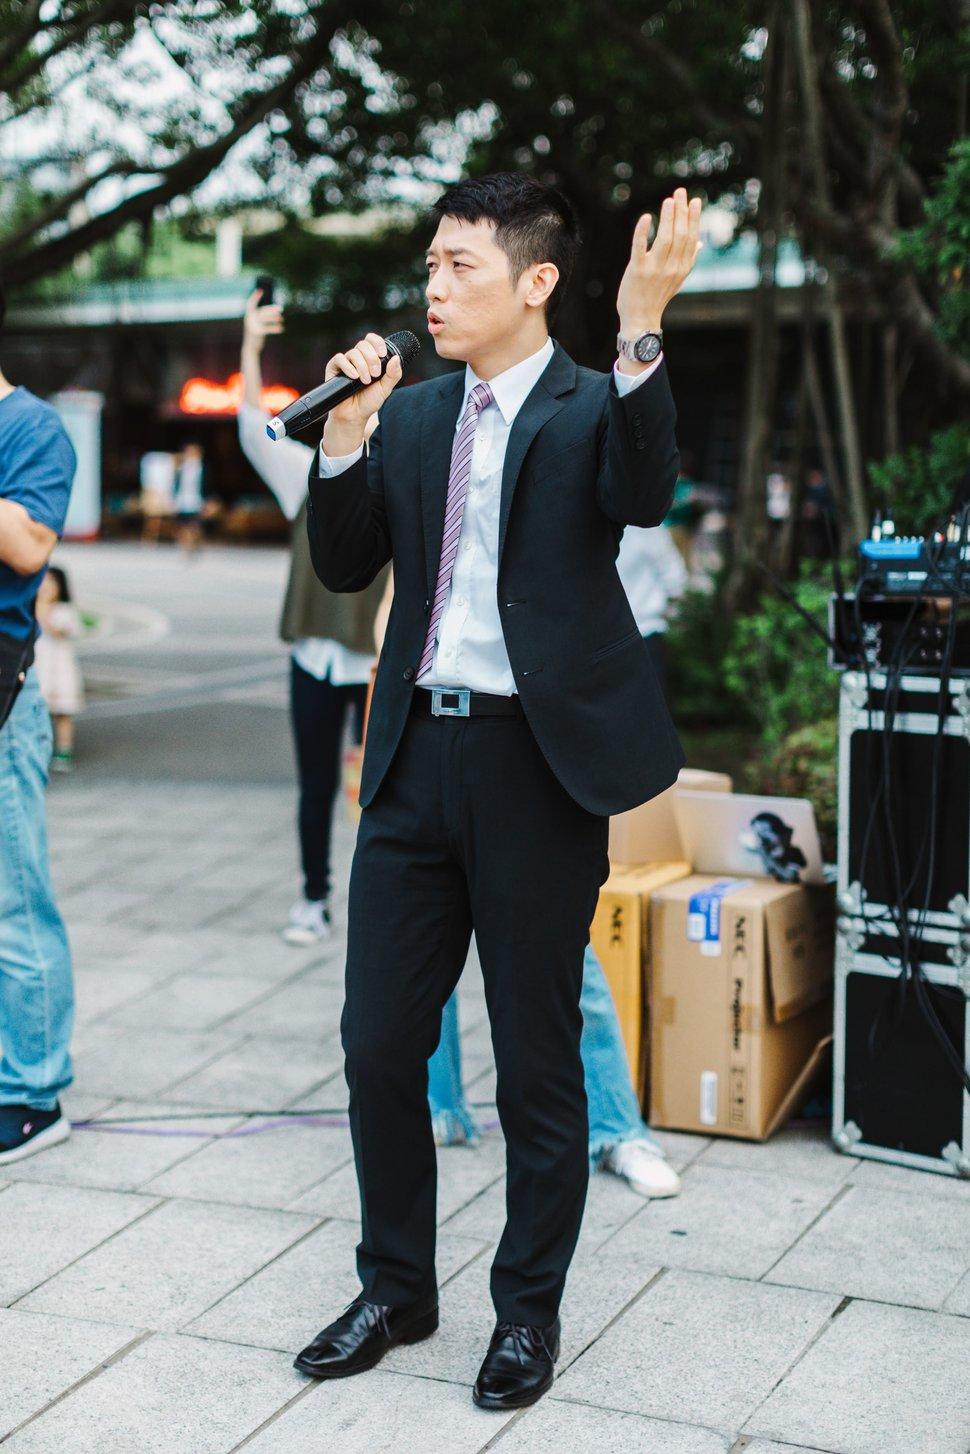 集食行樂婚禮-美式婚禮-美式婚禮紀錄-戶外證婚-美式婚紗-AG 婚攝Adam Chen- Amazing Grace 攝影美學 -台北婚禮紀錄 - Amazing Grace Studio68 - Amazing Grace Studio《結婚吧》